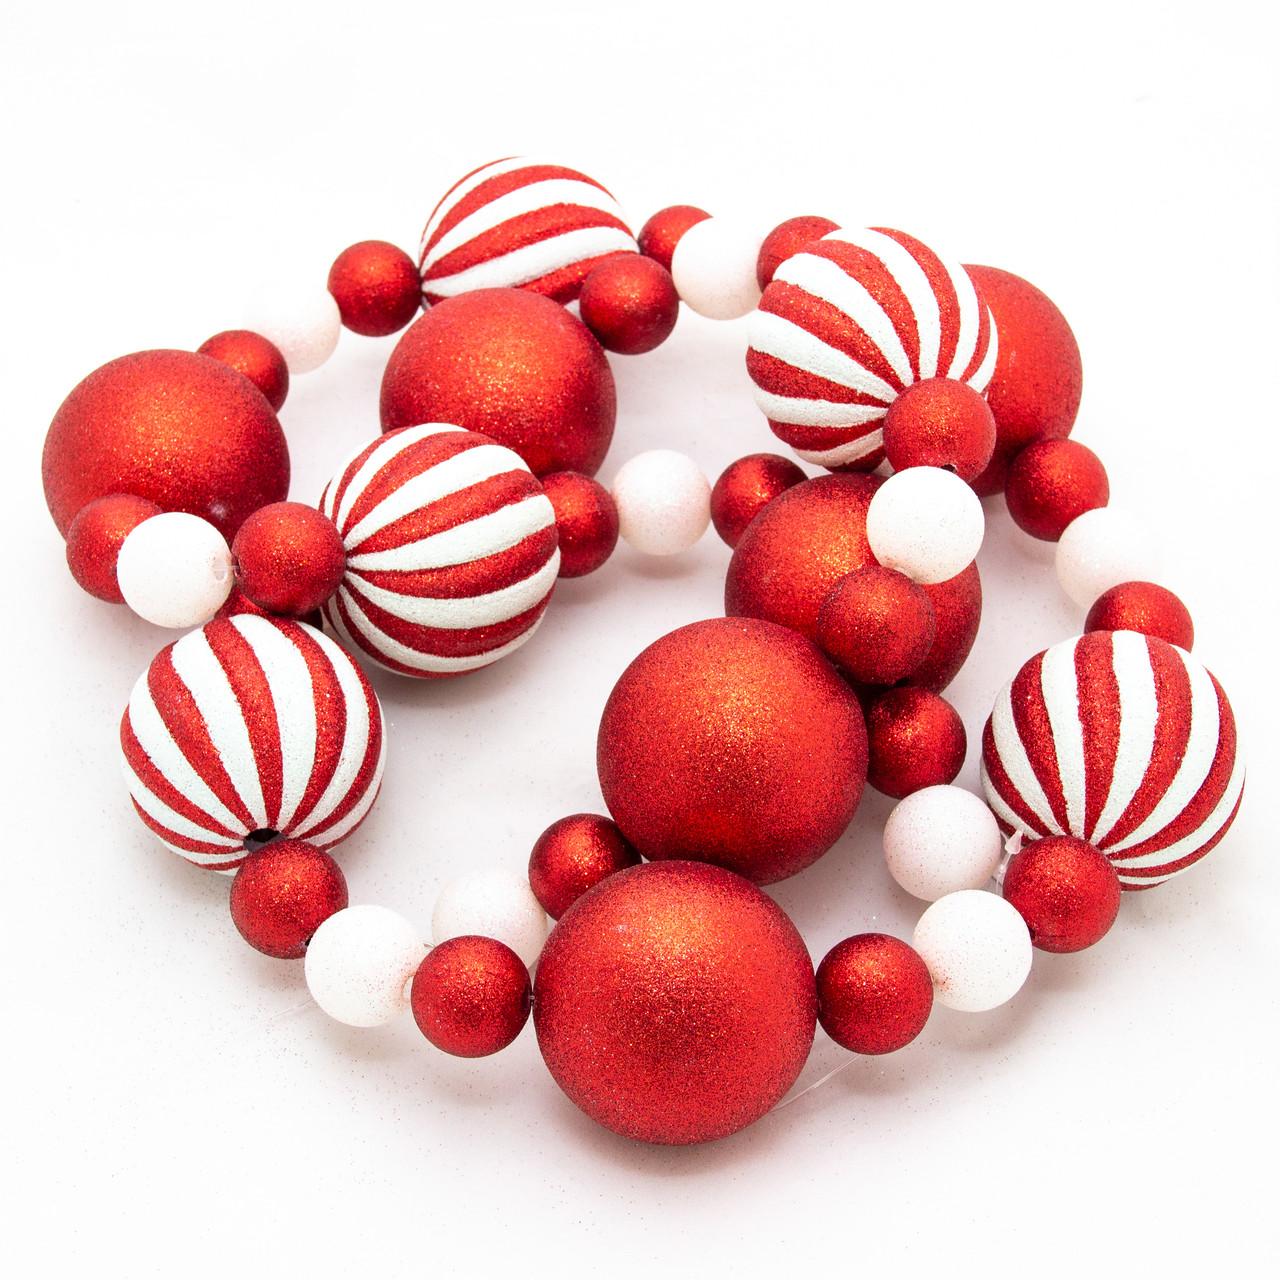 Новогоднее украшение - гирлянда из шаров, 1,8 м, красный, белый, пластик (110049-3)